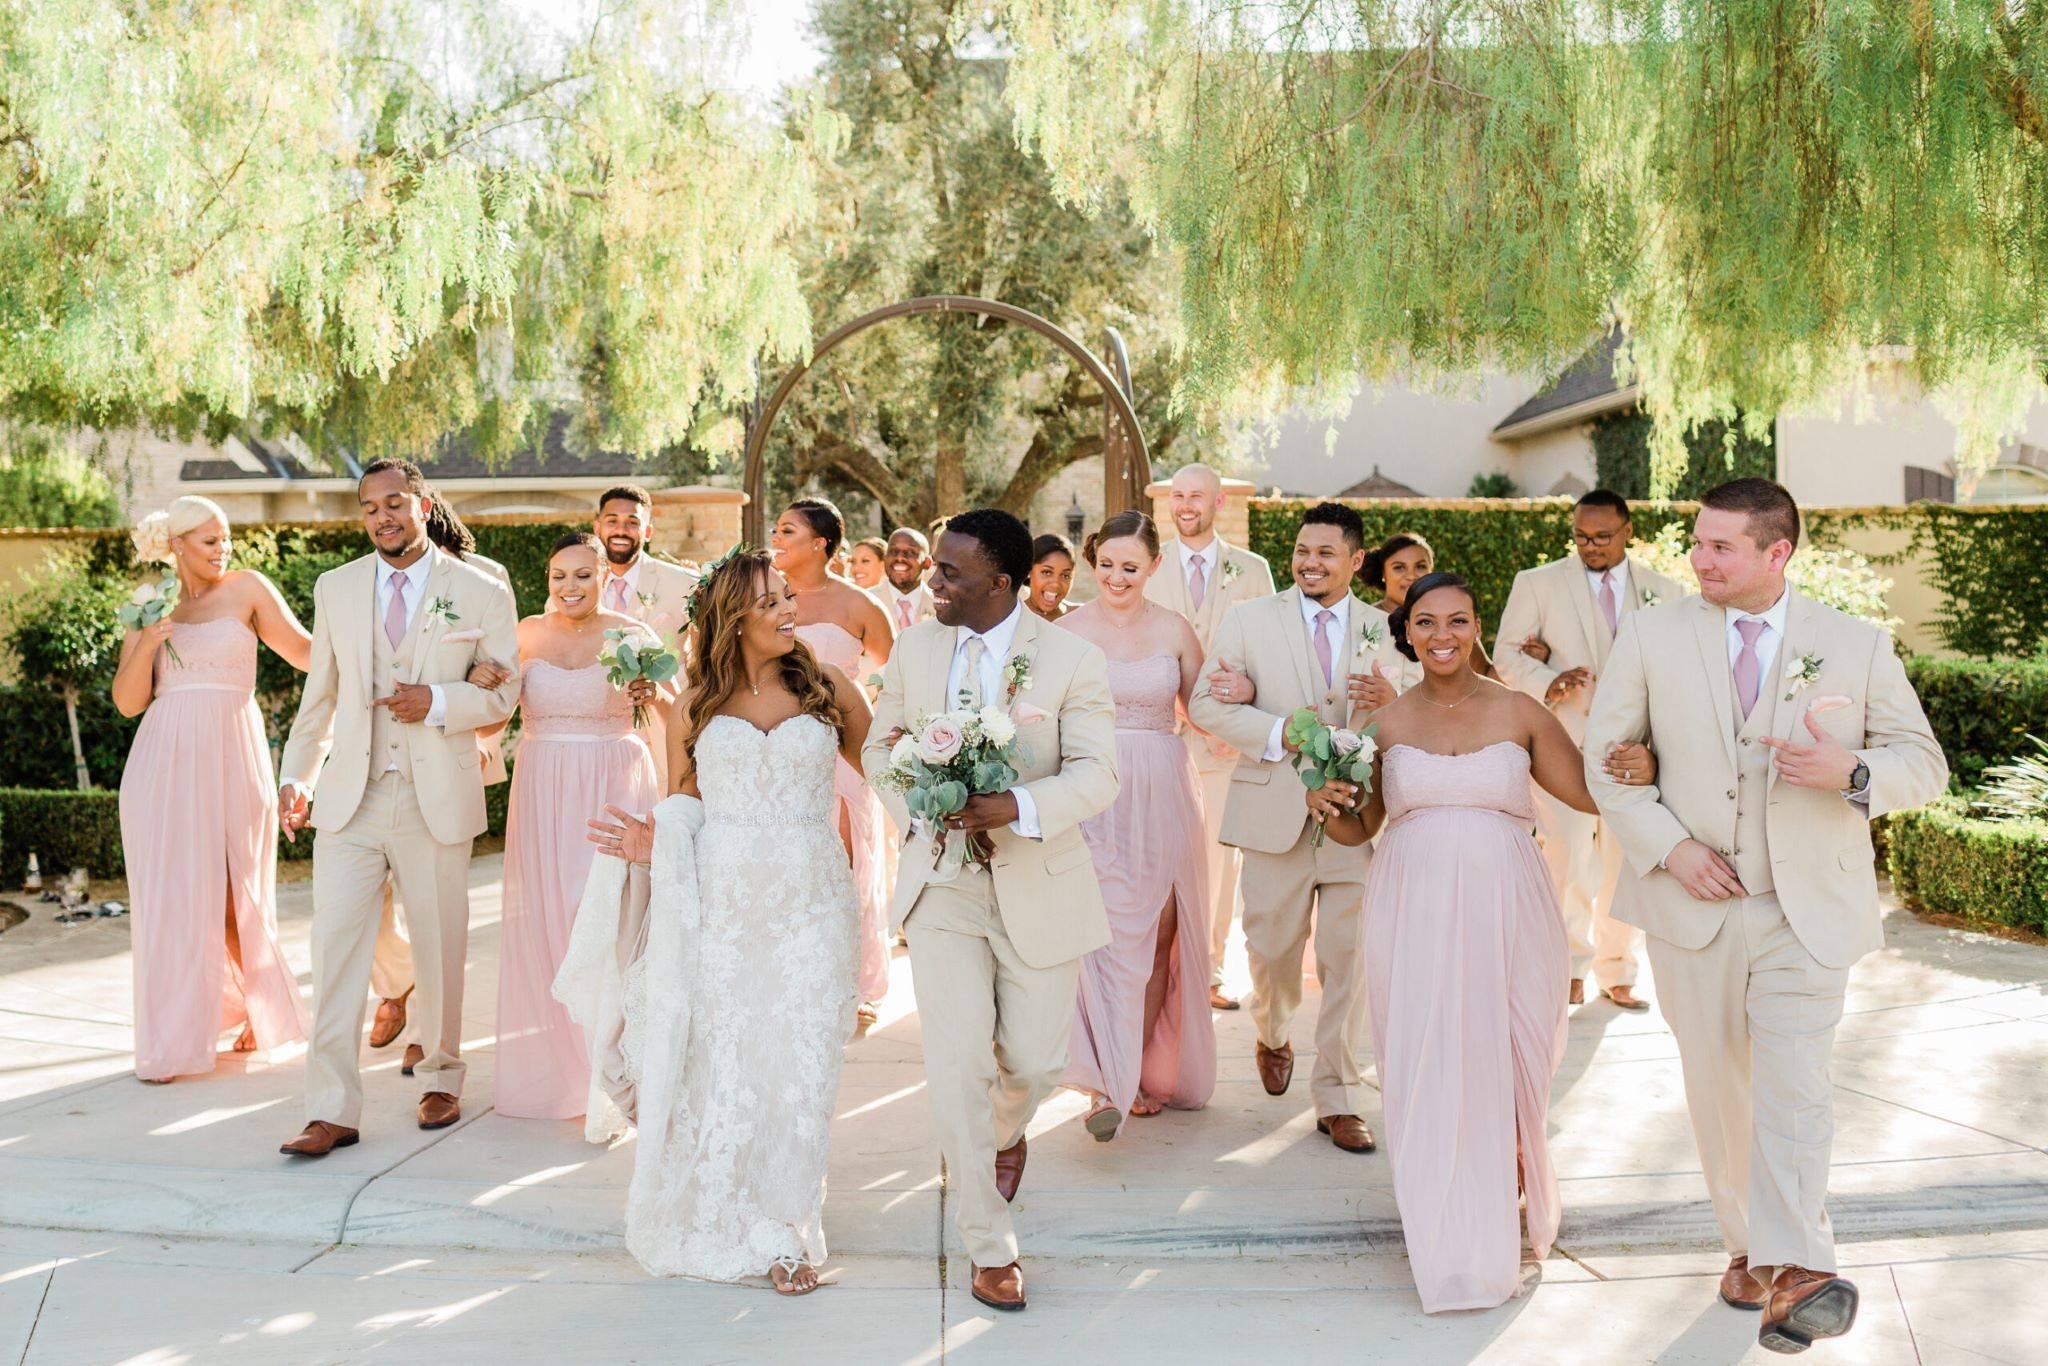 Kiana and Terrance's wedding